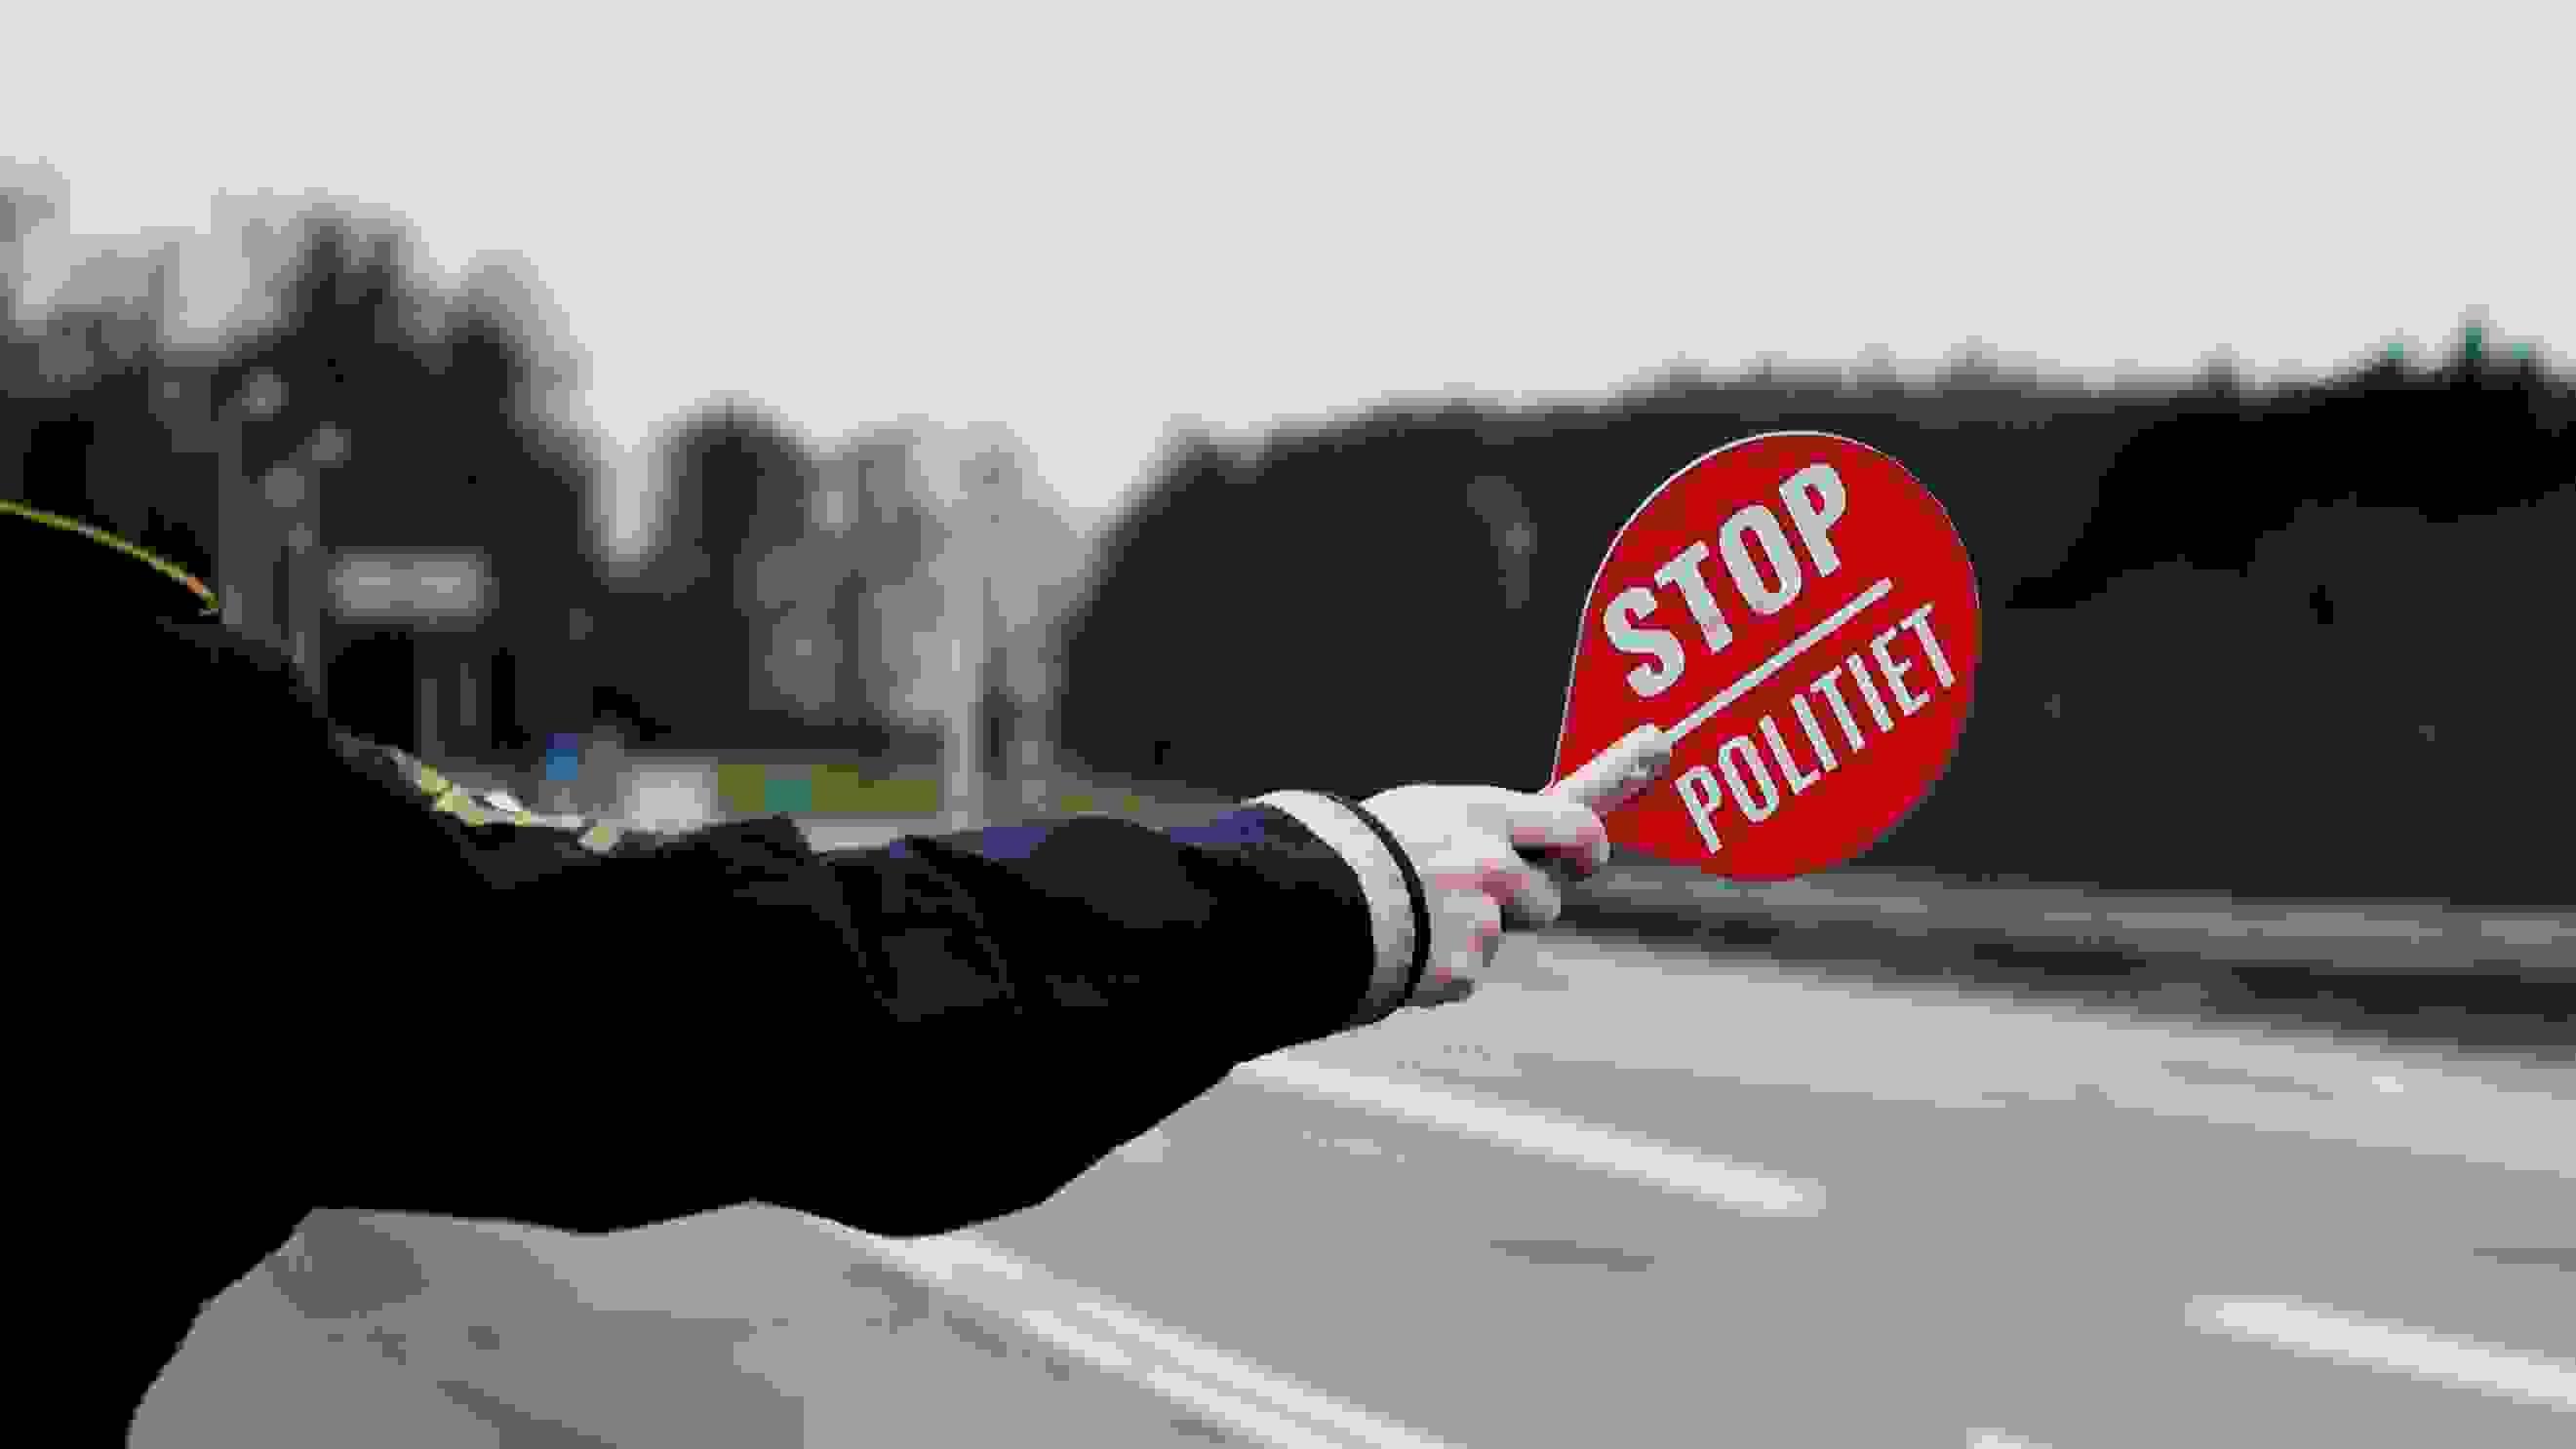 Trafik Politi